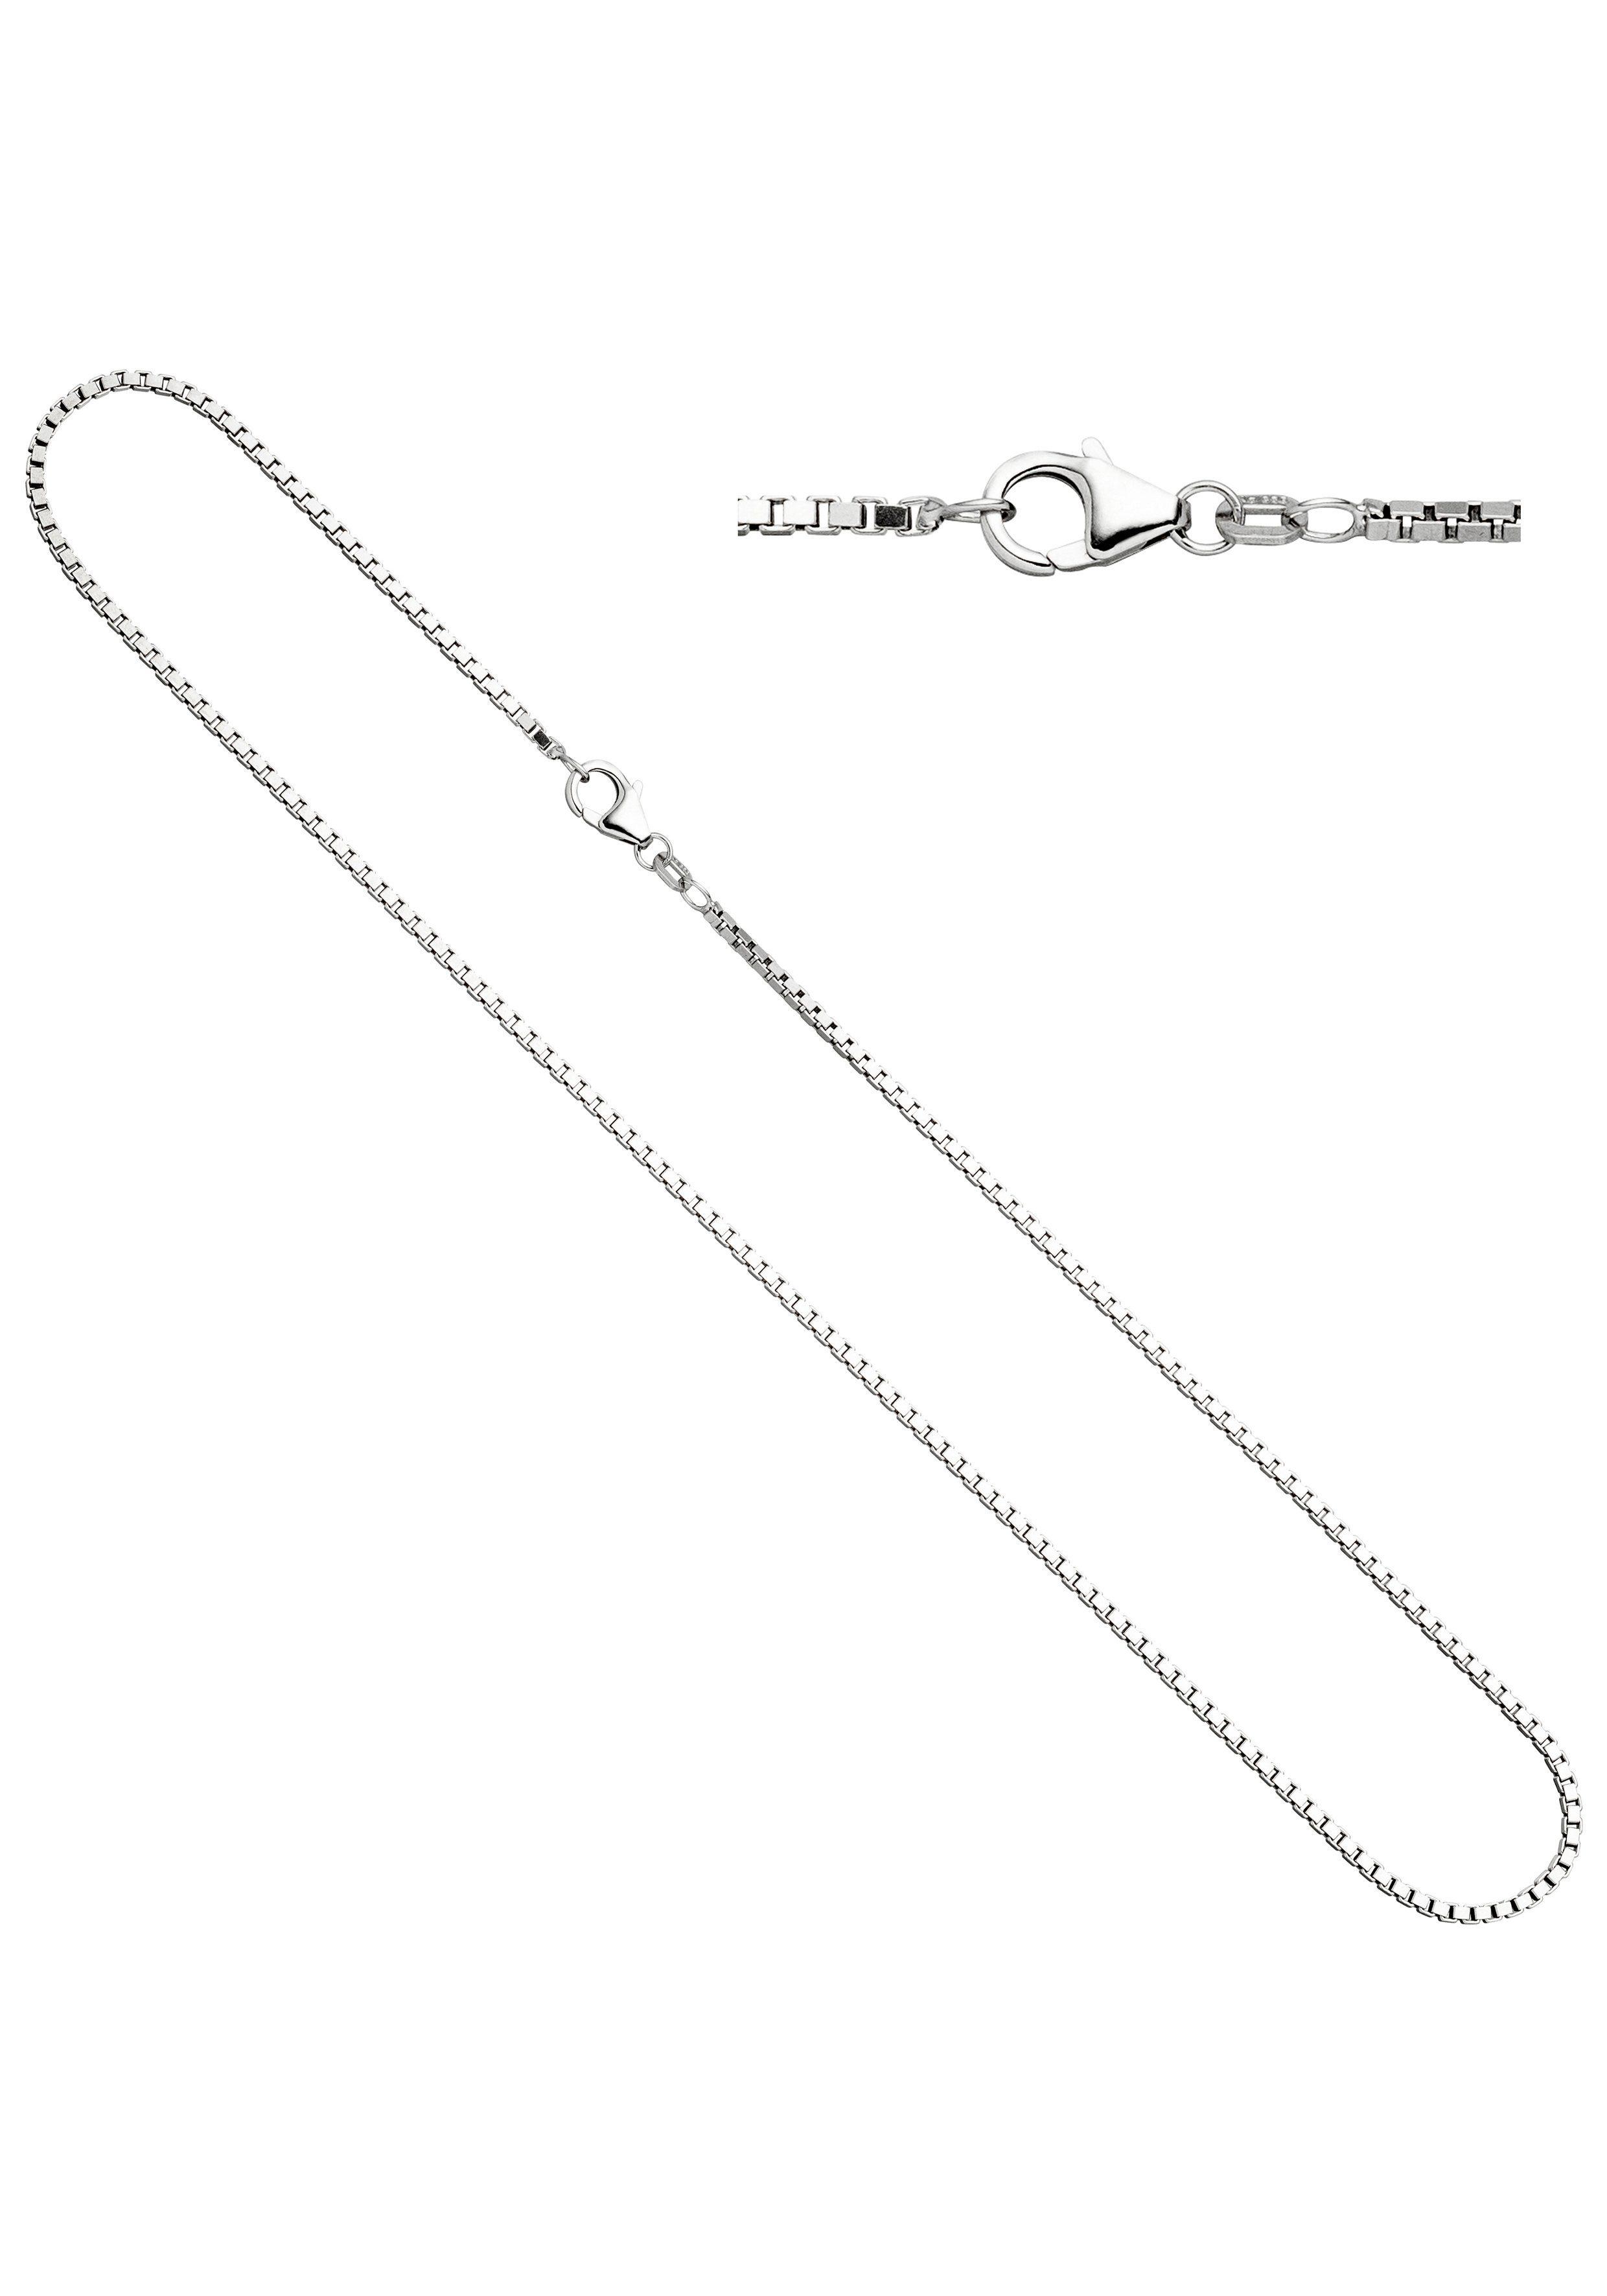 JOBO Kette ohne Anhänger, Venezianerkette 925 Silber 40 cm 1,2 mm online kaufen | OTTO